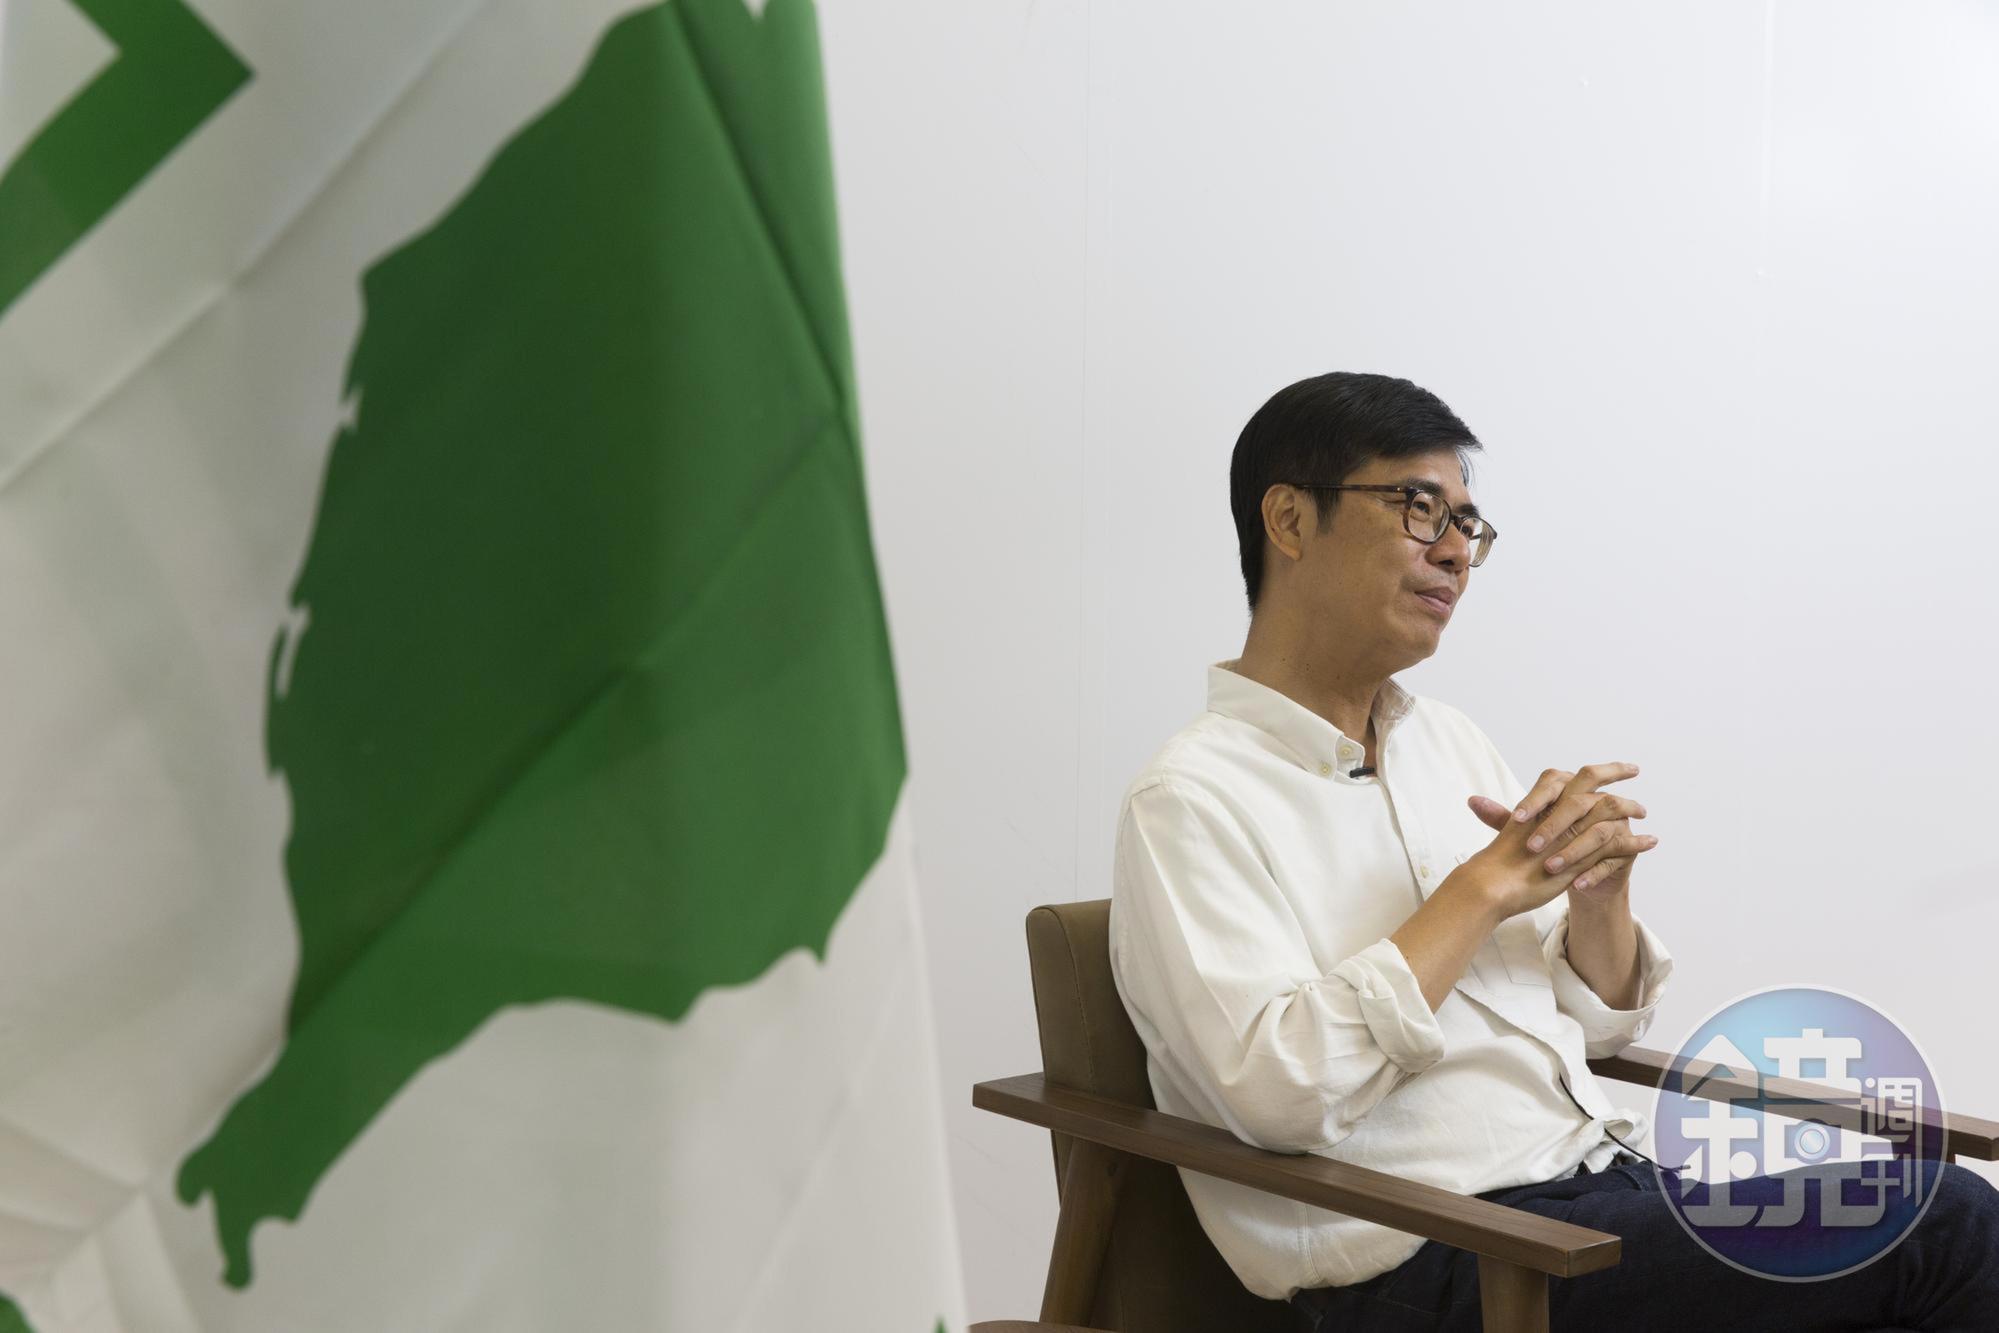 陳其邁總是一席白色襯衫、牛仔褲,形象理性清新,他不易顯露情緒,但焦慮時會摳手指,大拇指指緣都已摳到脫皮。